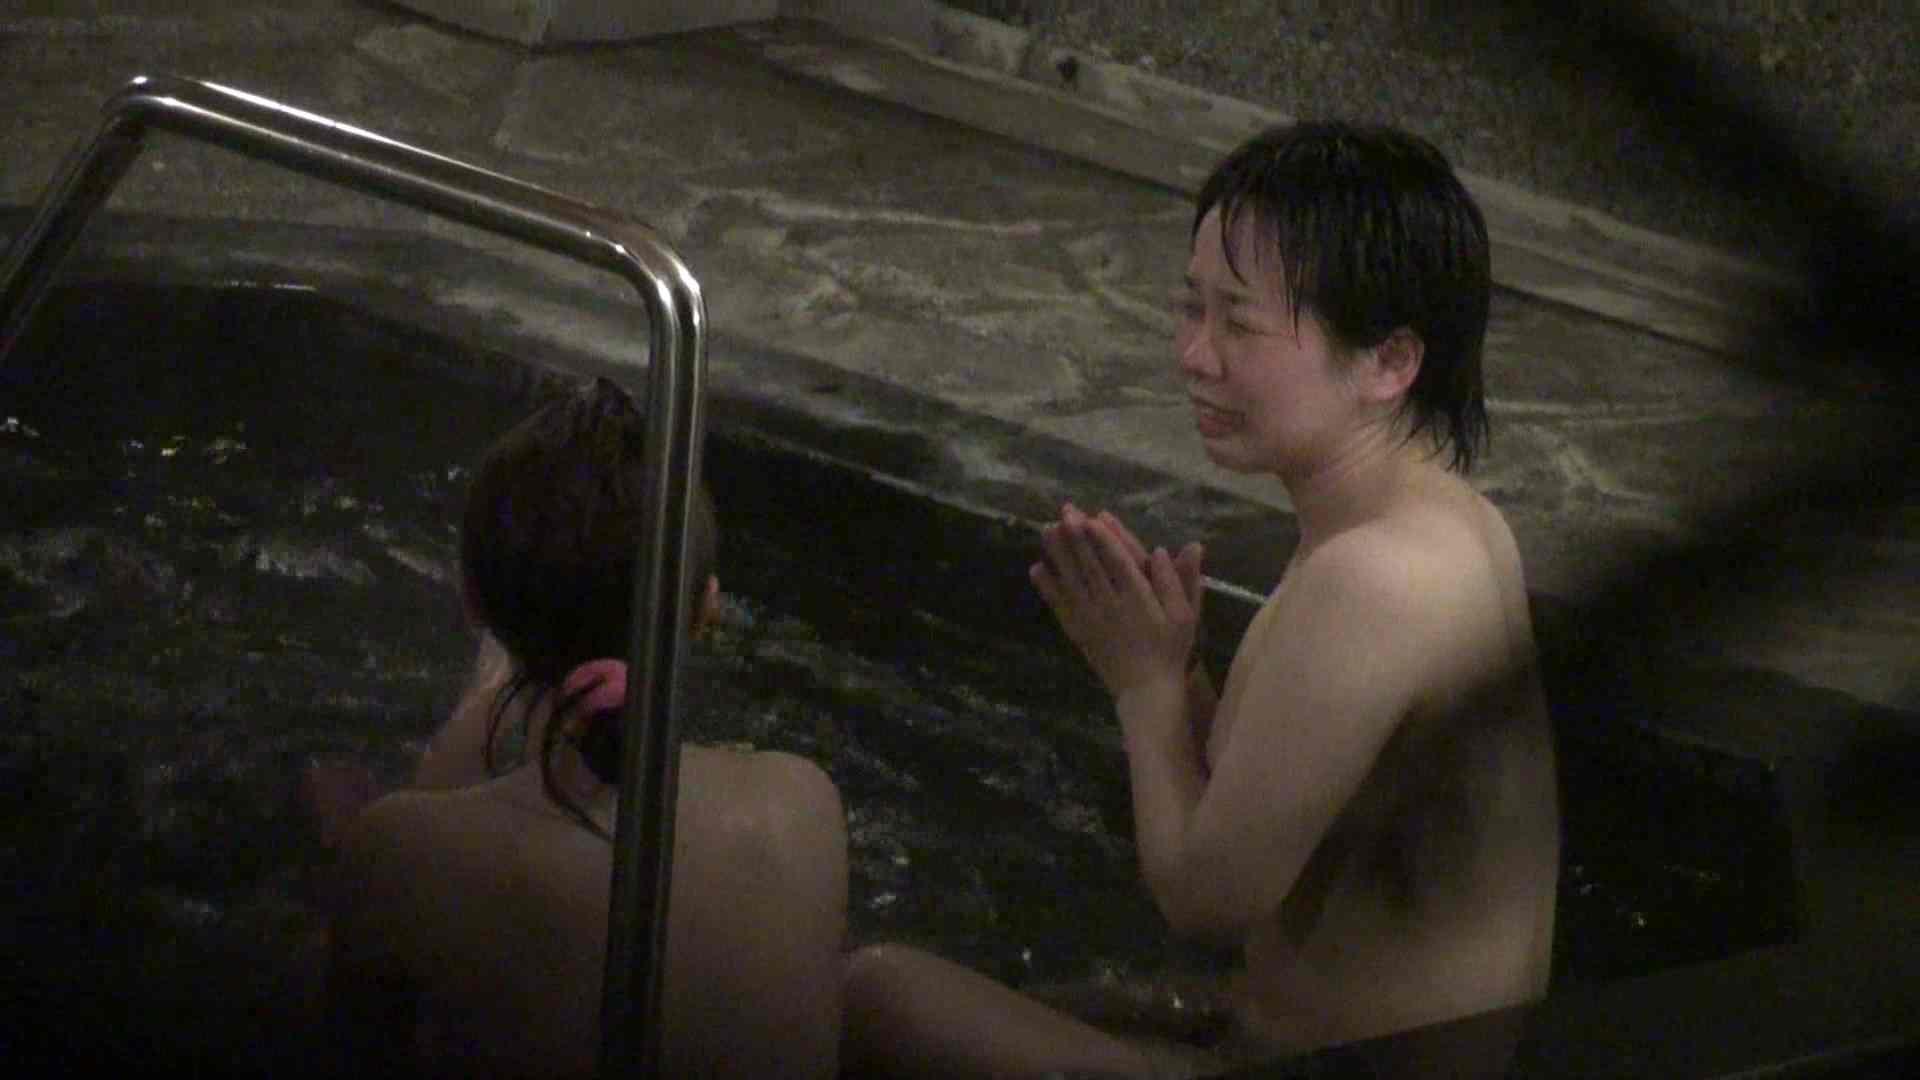 Aquaな露天風呂Vol.394 盗撮  99画像 81